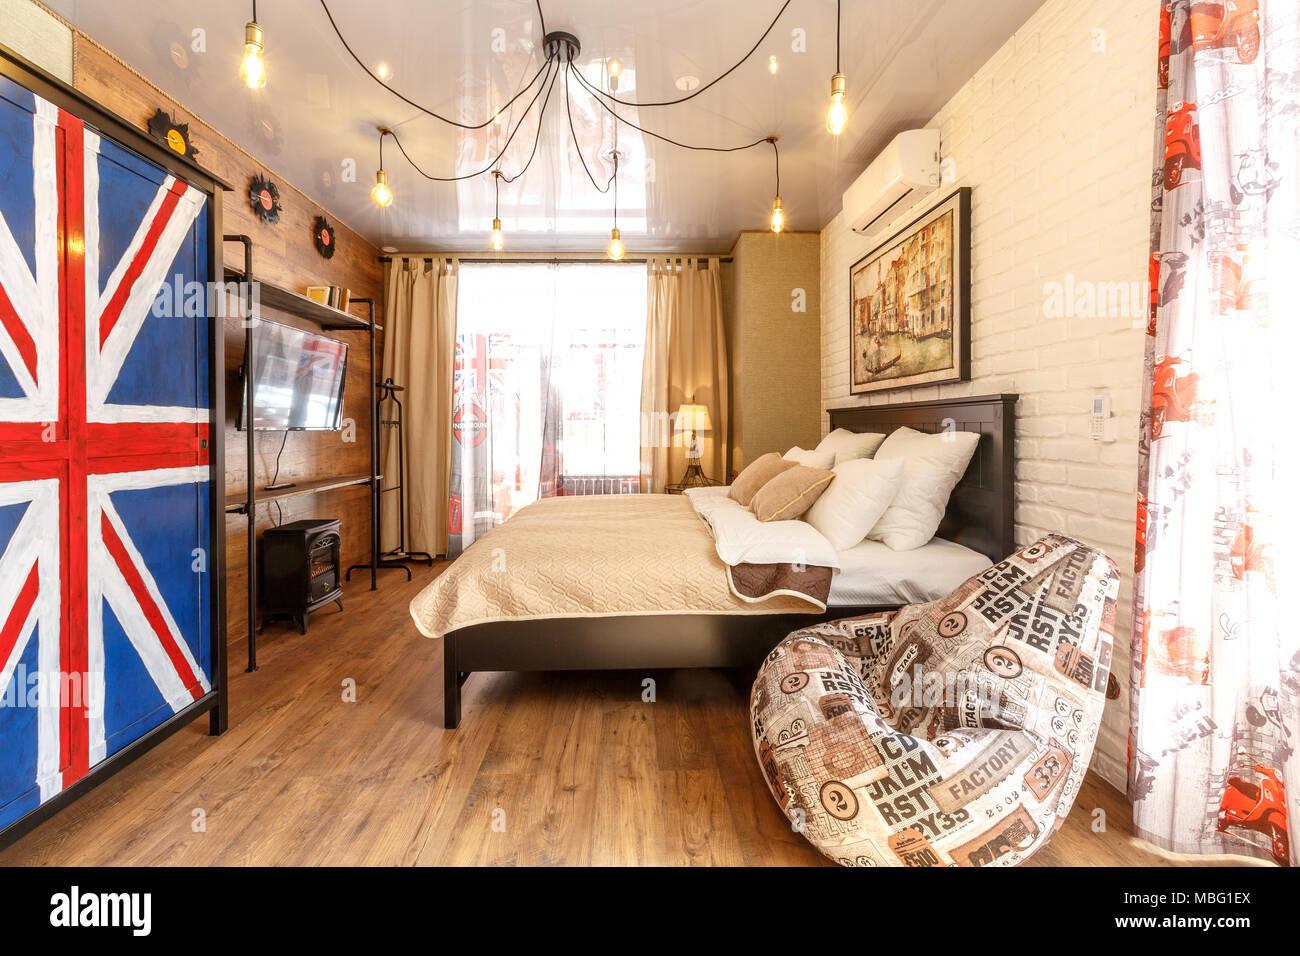 Hotel Zimmer, Aparthotel, Apartment mit Schlafzimmer, Bad ...